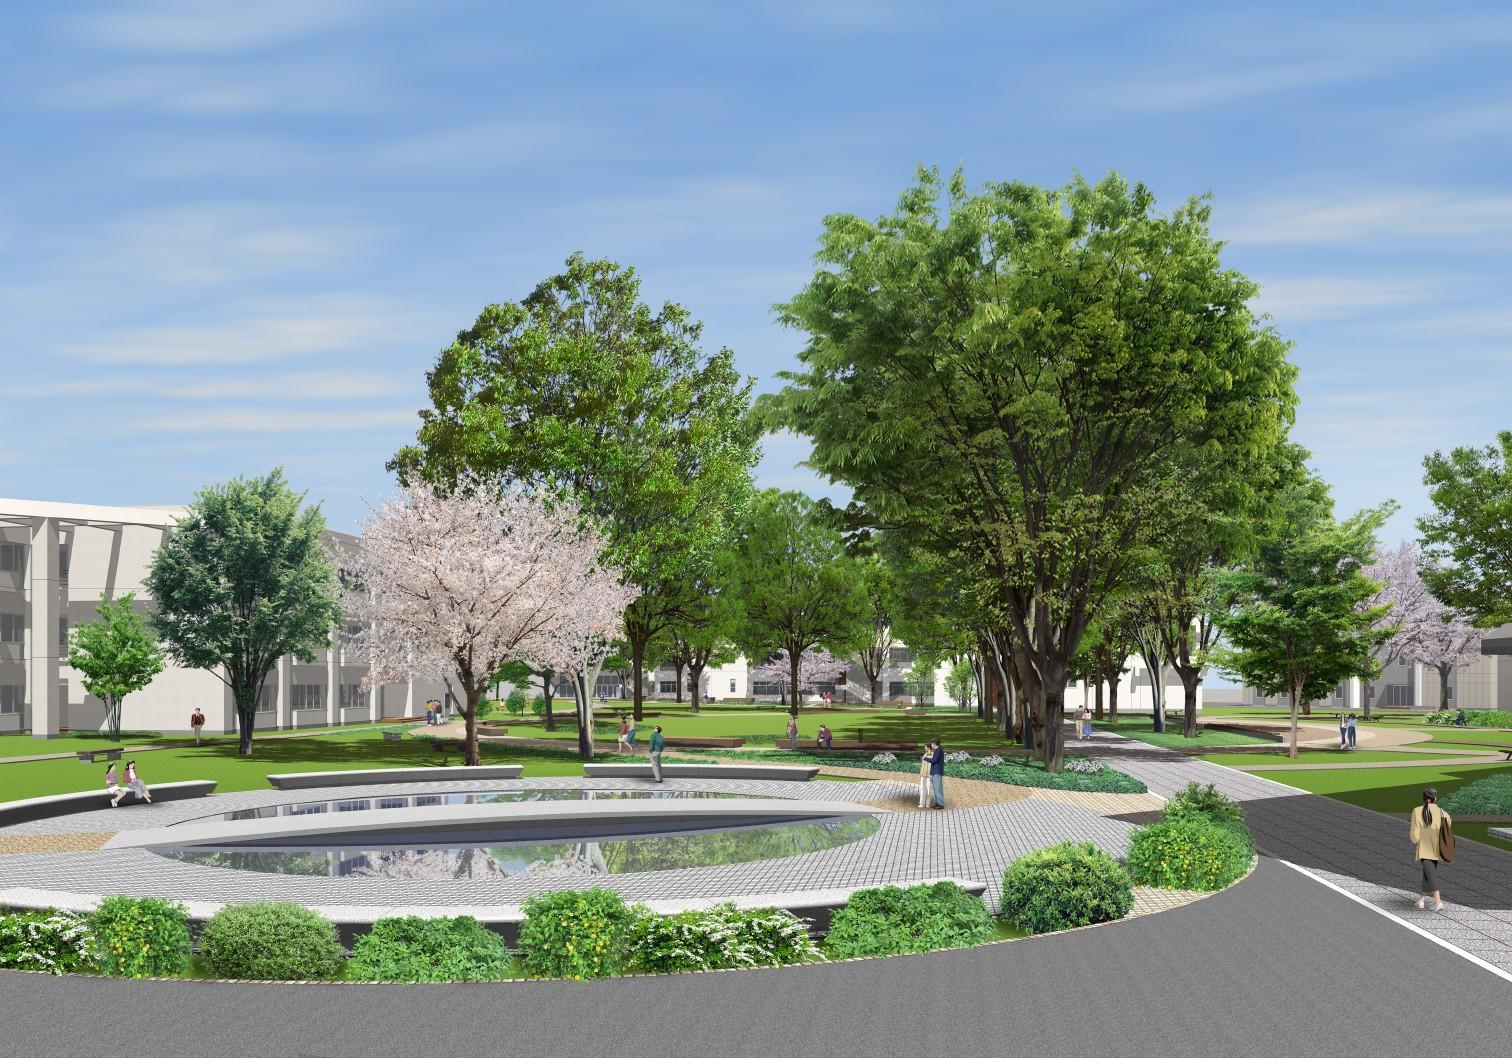 江戸川大学駒木キャンパスが8月初旬にリニューアル -- 緑の広場の設置や、安全対策工事が完了